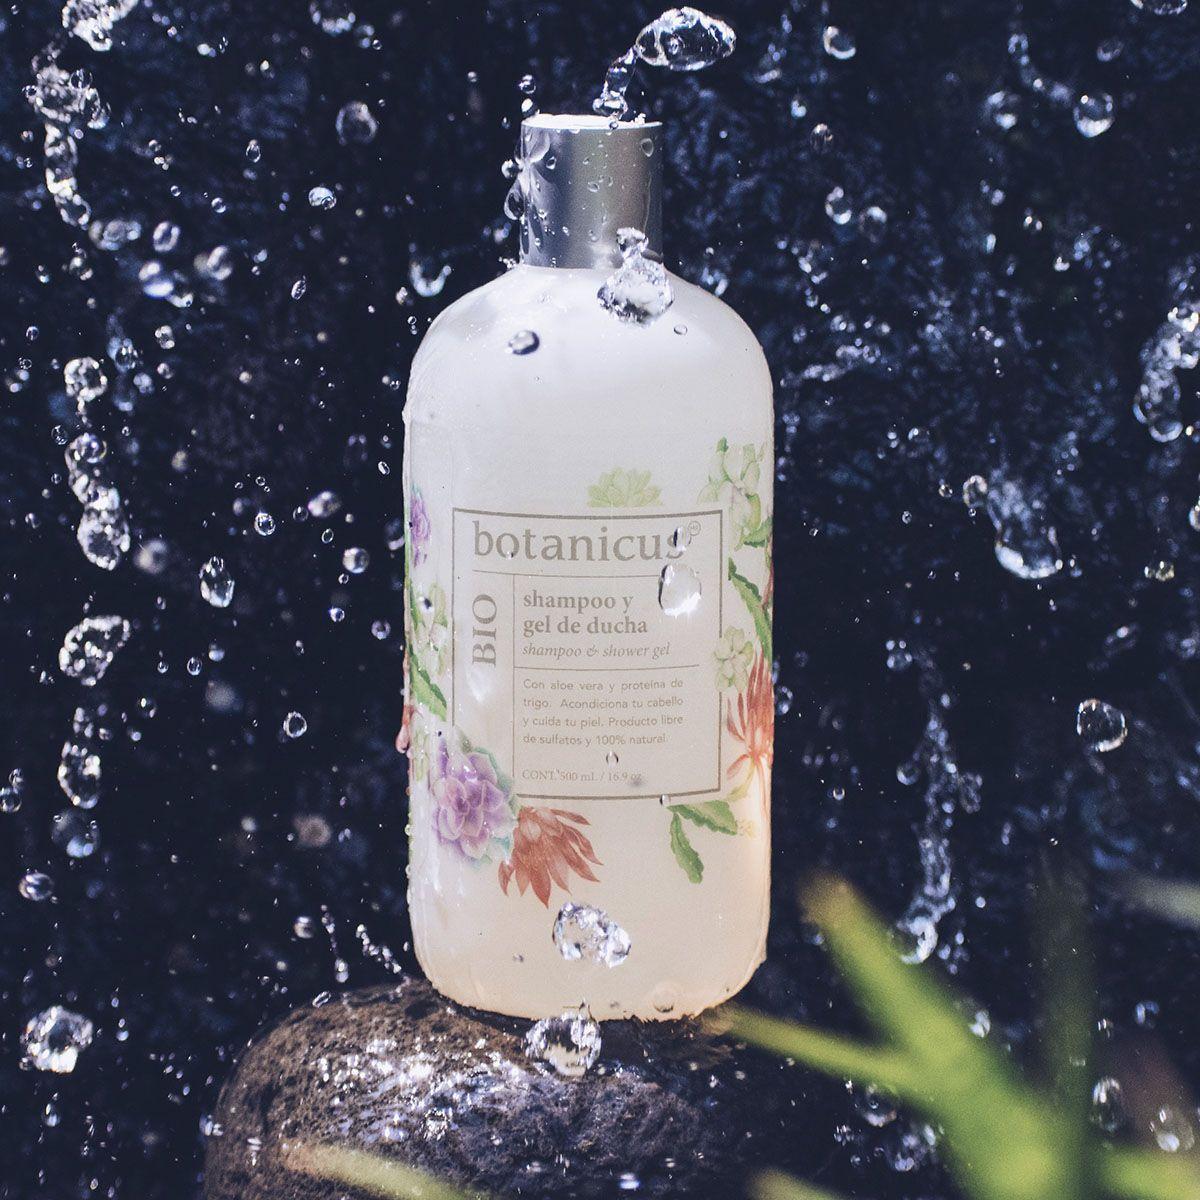 Shampoo Y Gel De Ducha Bio Gel De Ducha Hidratar El Cabello Y